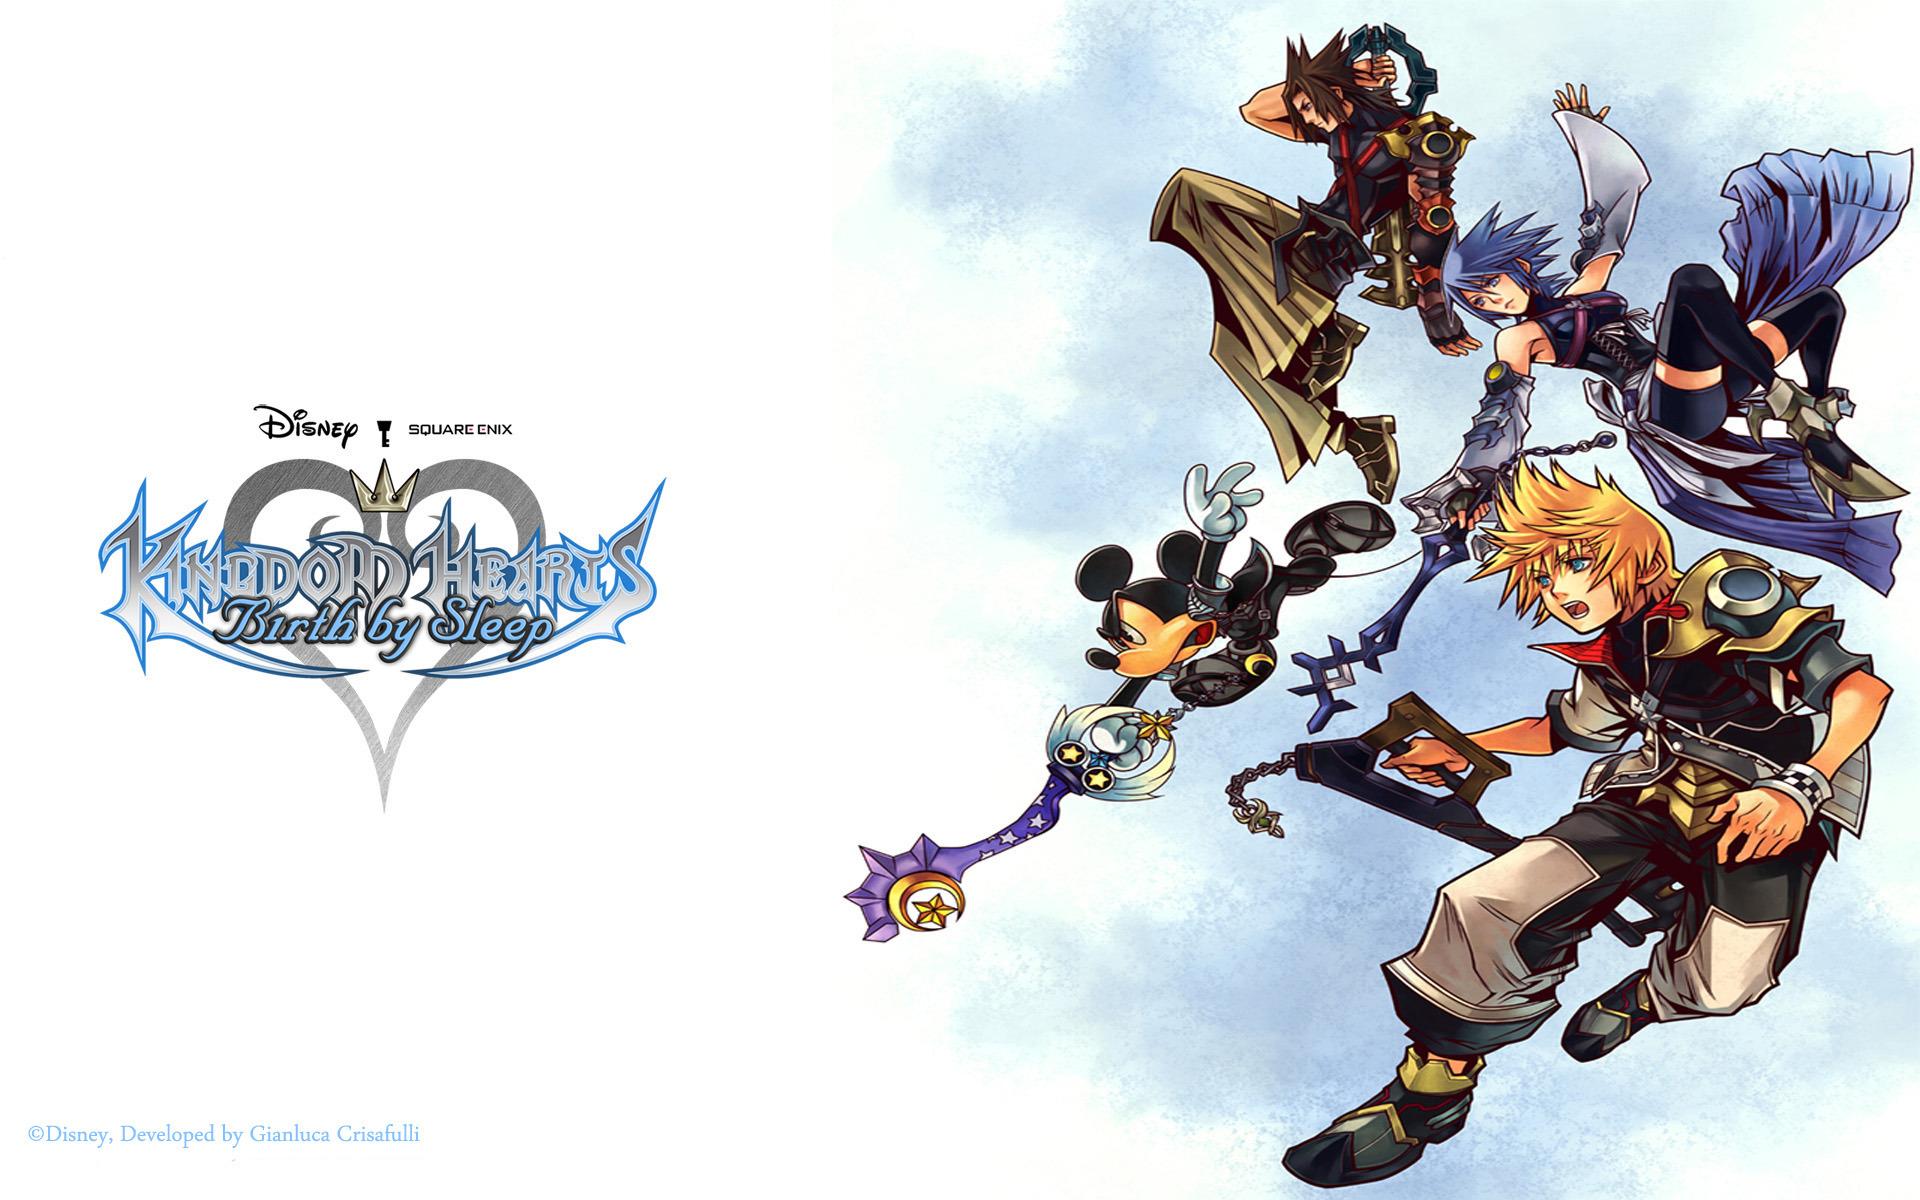 Kingdom Hearts Wallpaper Hd Games